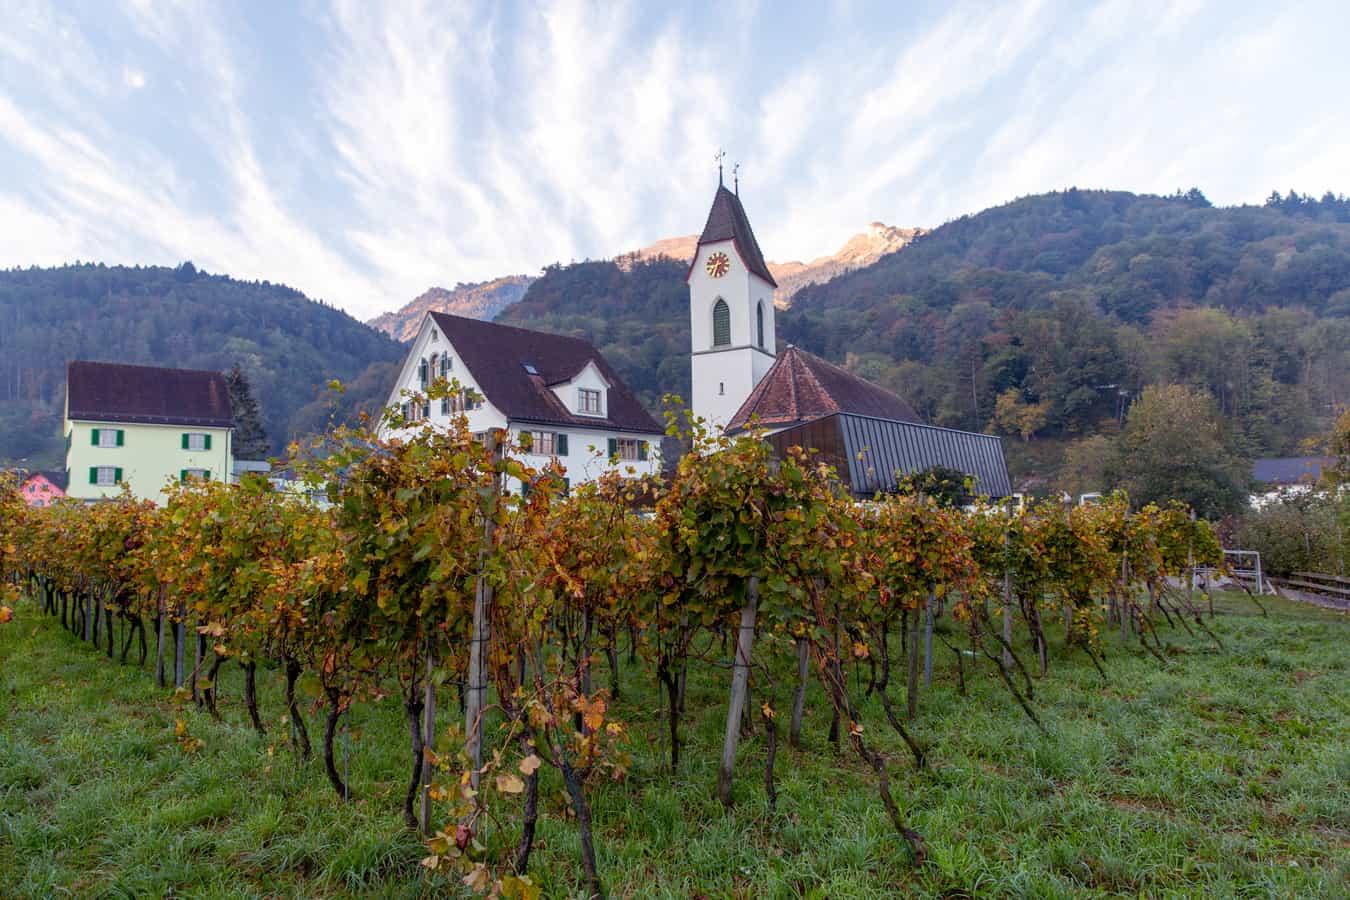 Sevelen mit reformierter Kirche und Alvier im Hintergrund